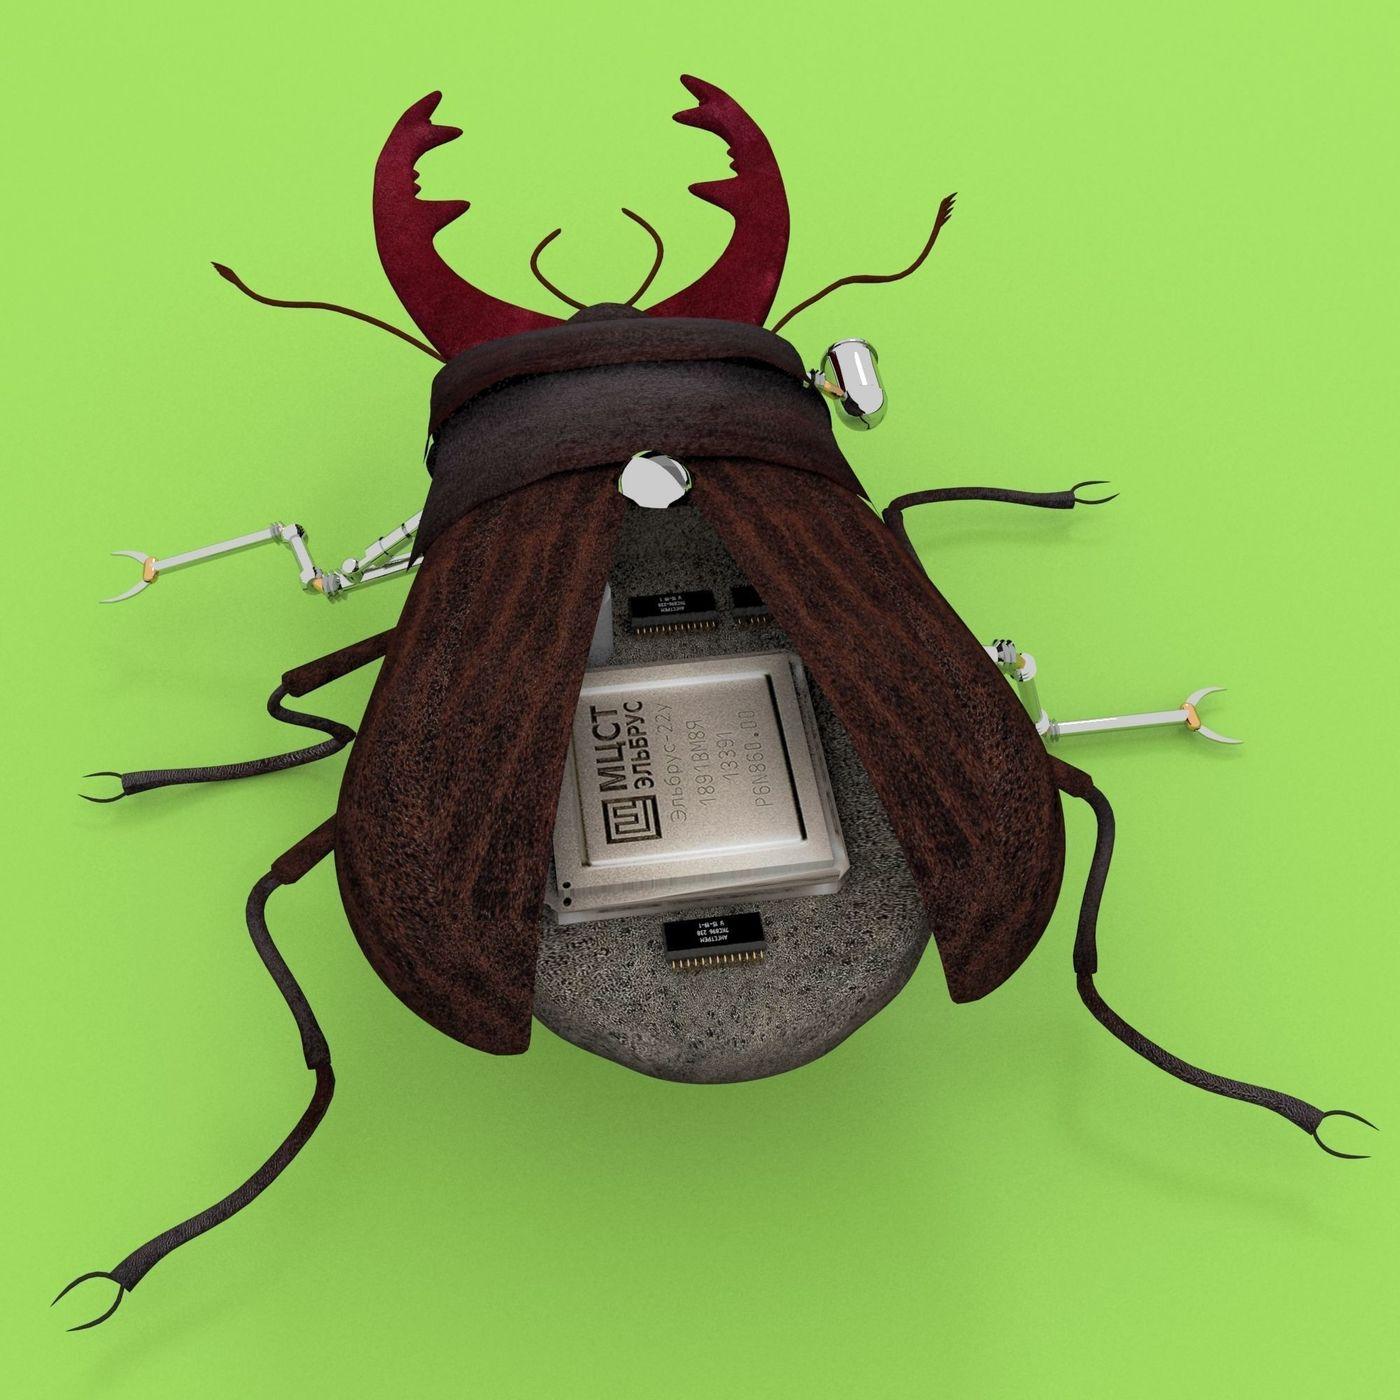 beetle robot